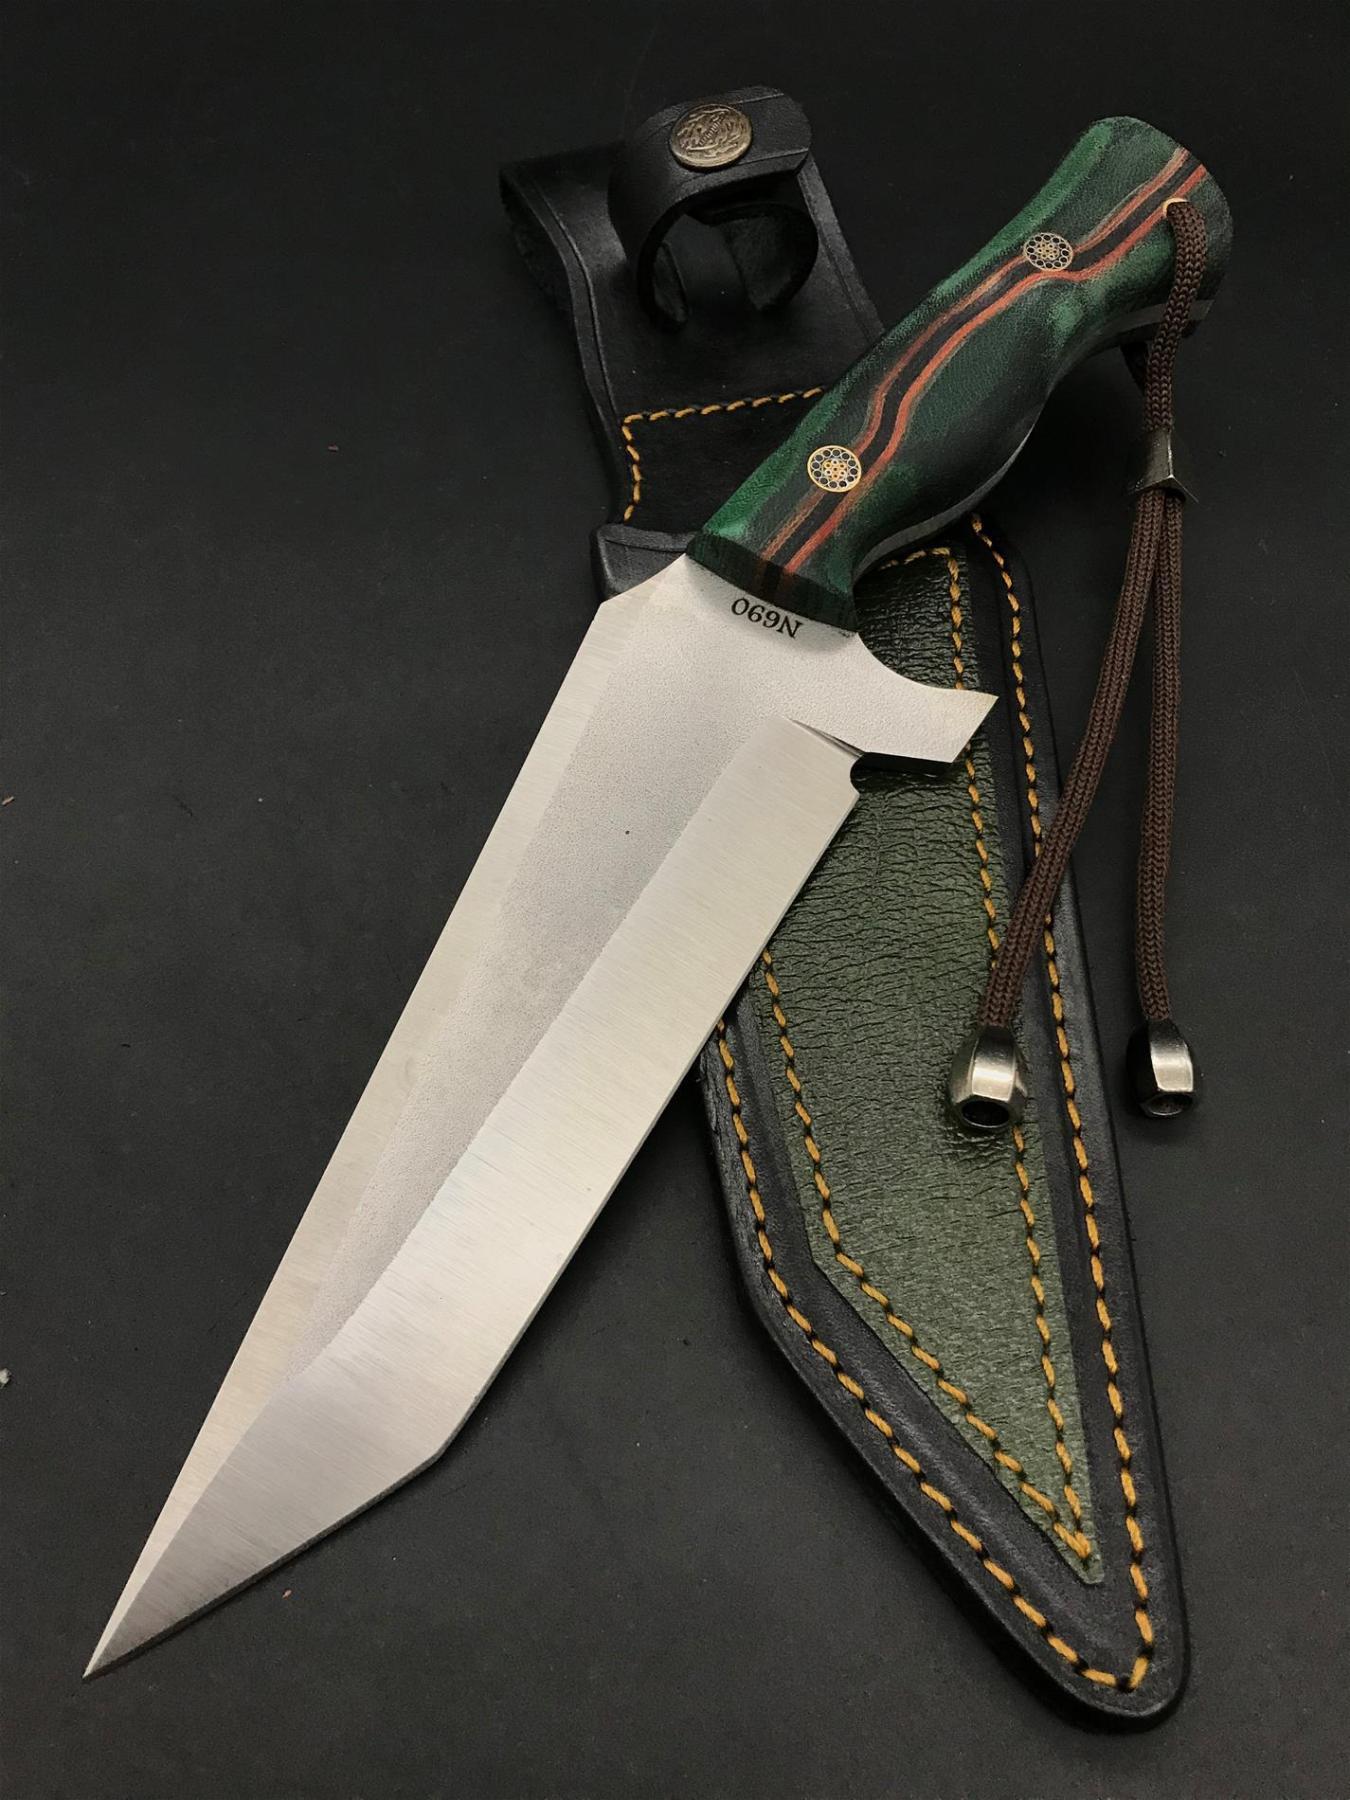 BOHLER N690 Camping Knife BB107-6